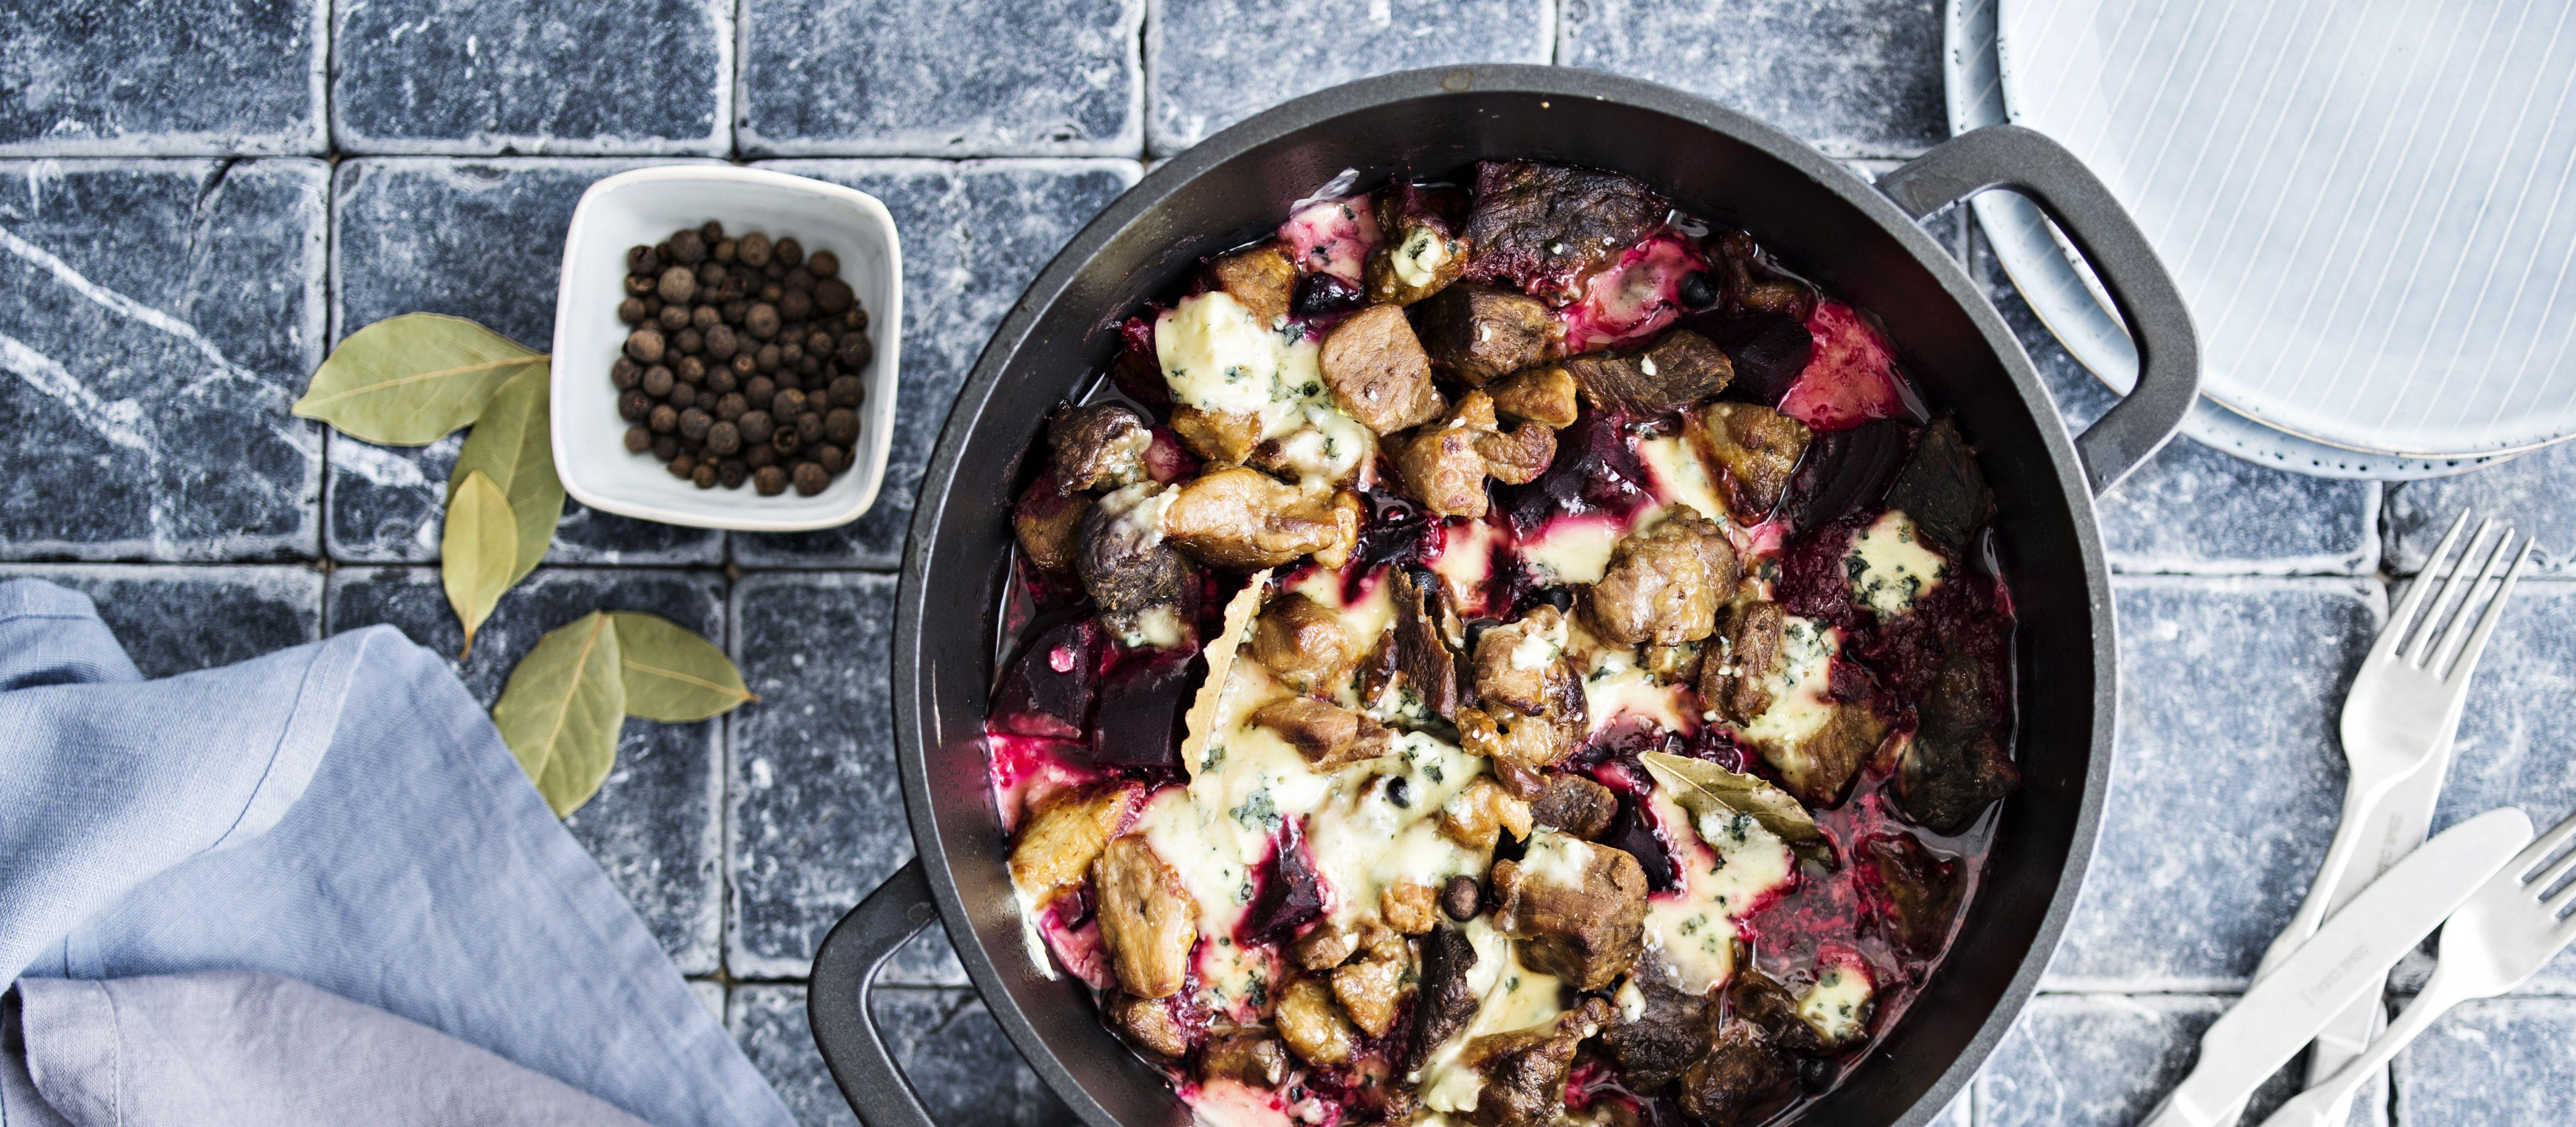 Sinihomejuustoinen punajuuri-lihapata sopii syksyn viileneviin iltoihin. Syö sekä edullisesti että hyvin. N. 2,20€/annos.